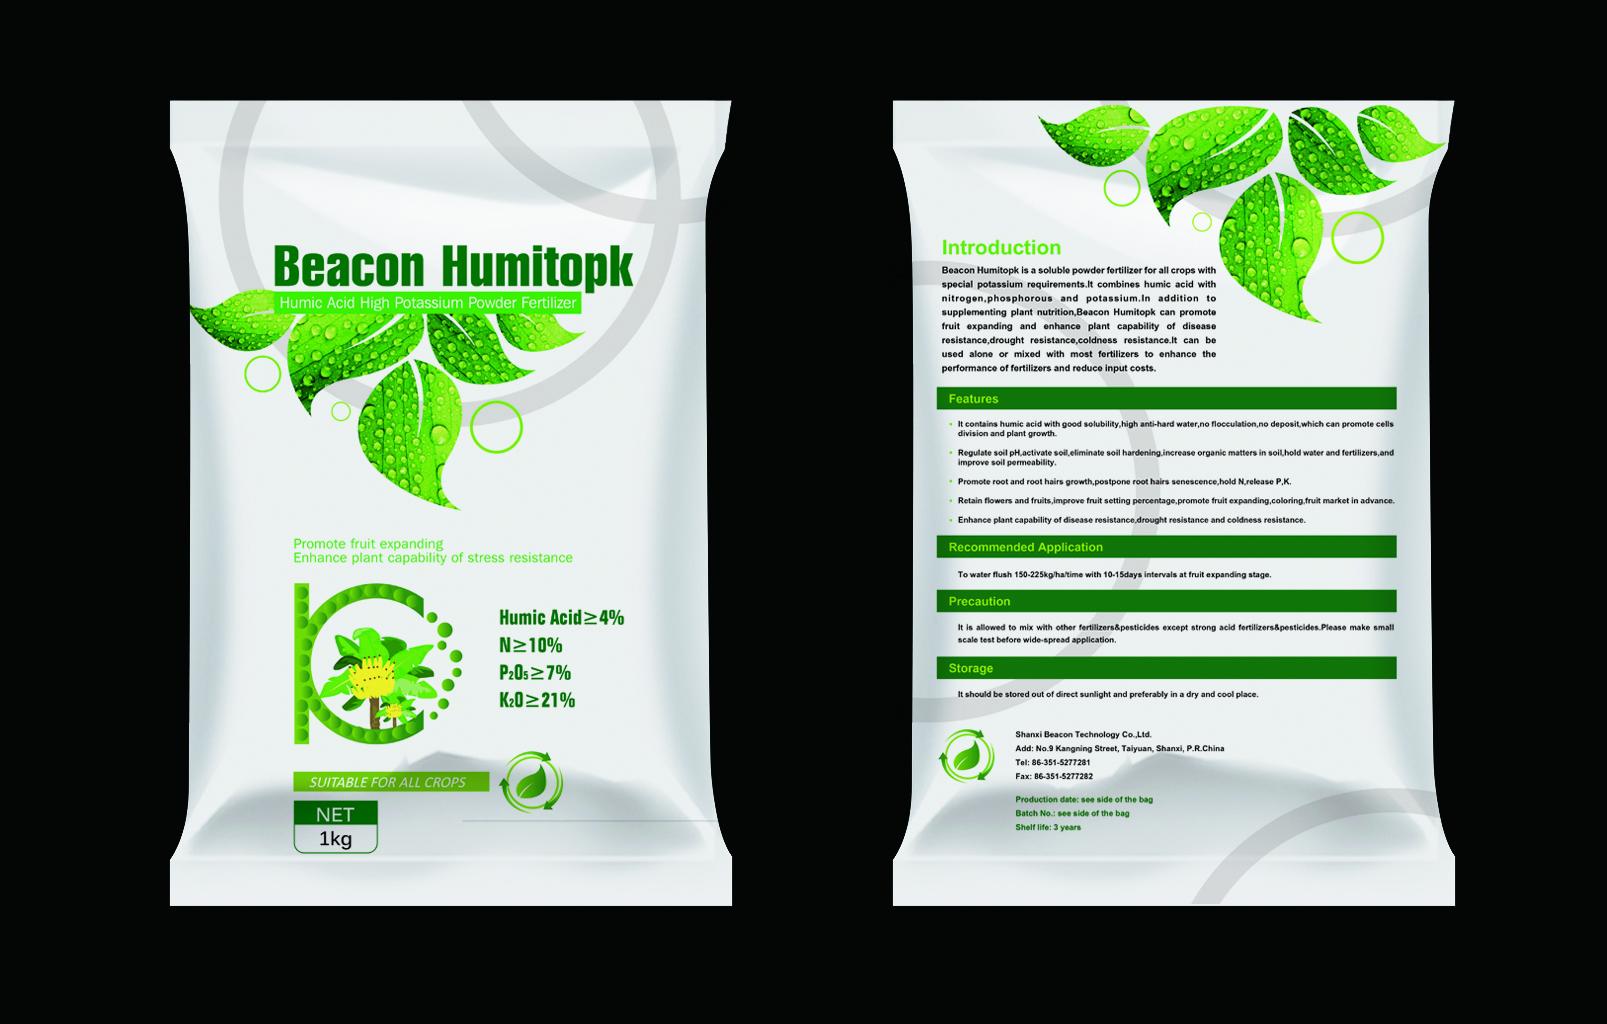 Humitopk Humic Acid High Potassium Powder Fertilizer